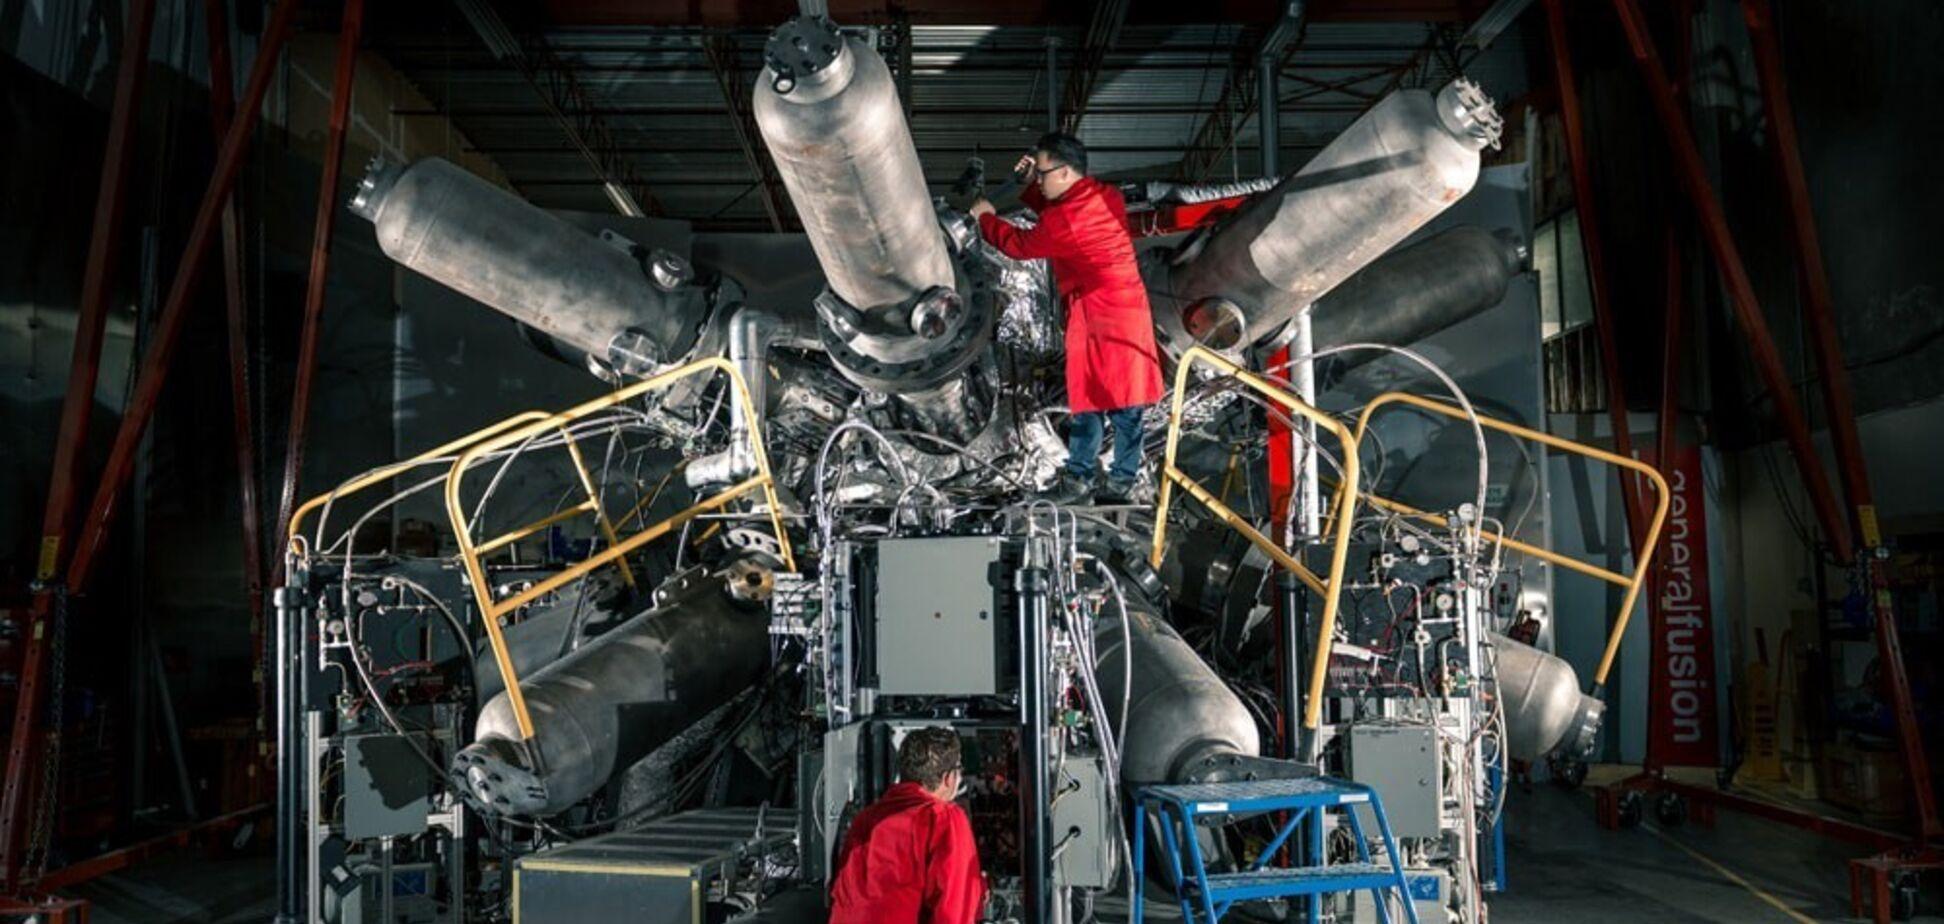 Прорыв в ядерном синтезе: в Канаде начали создание реактора нового типа